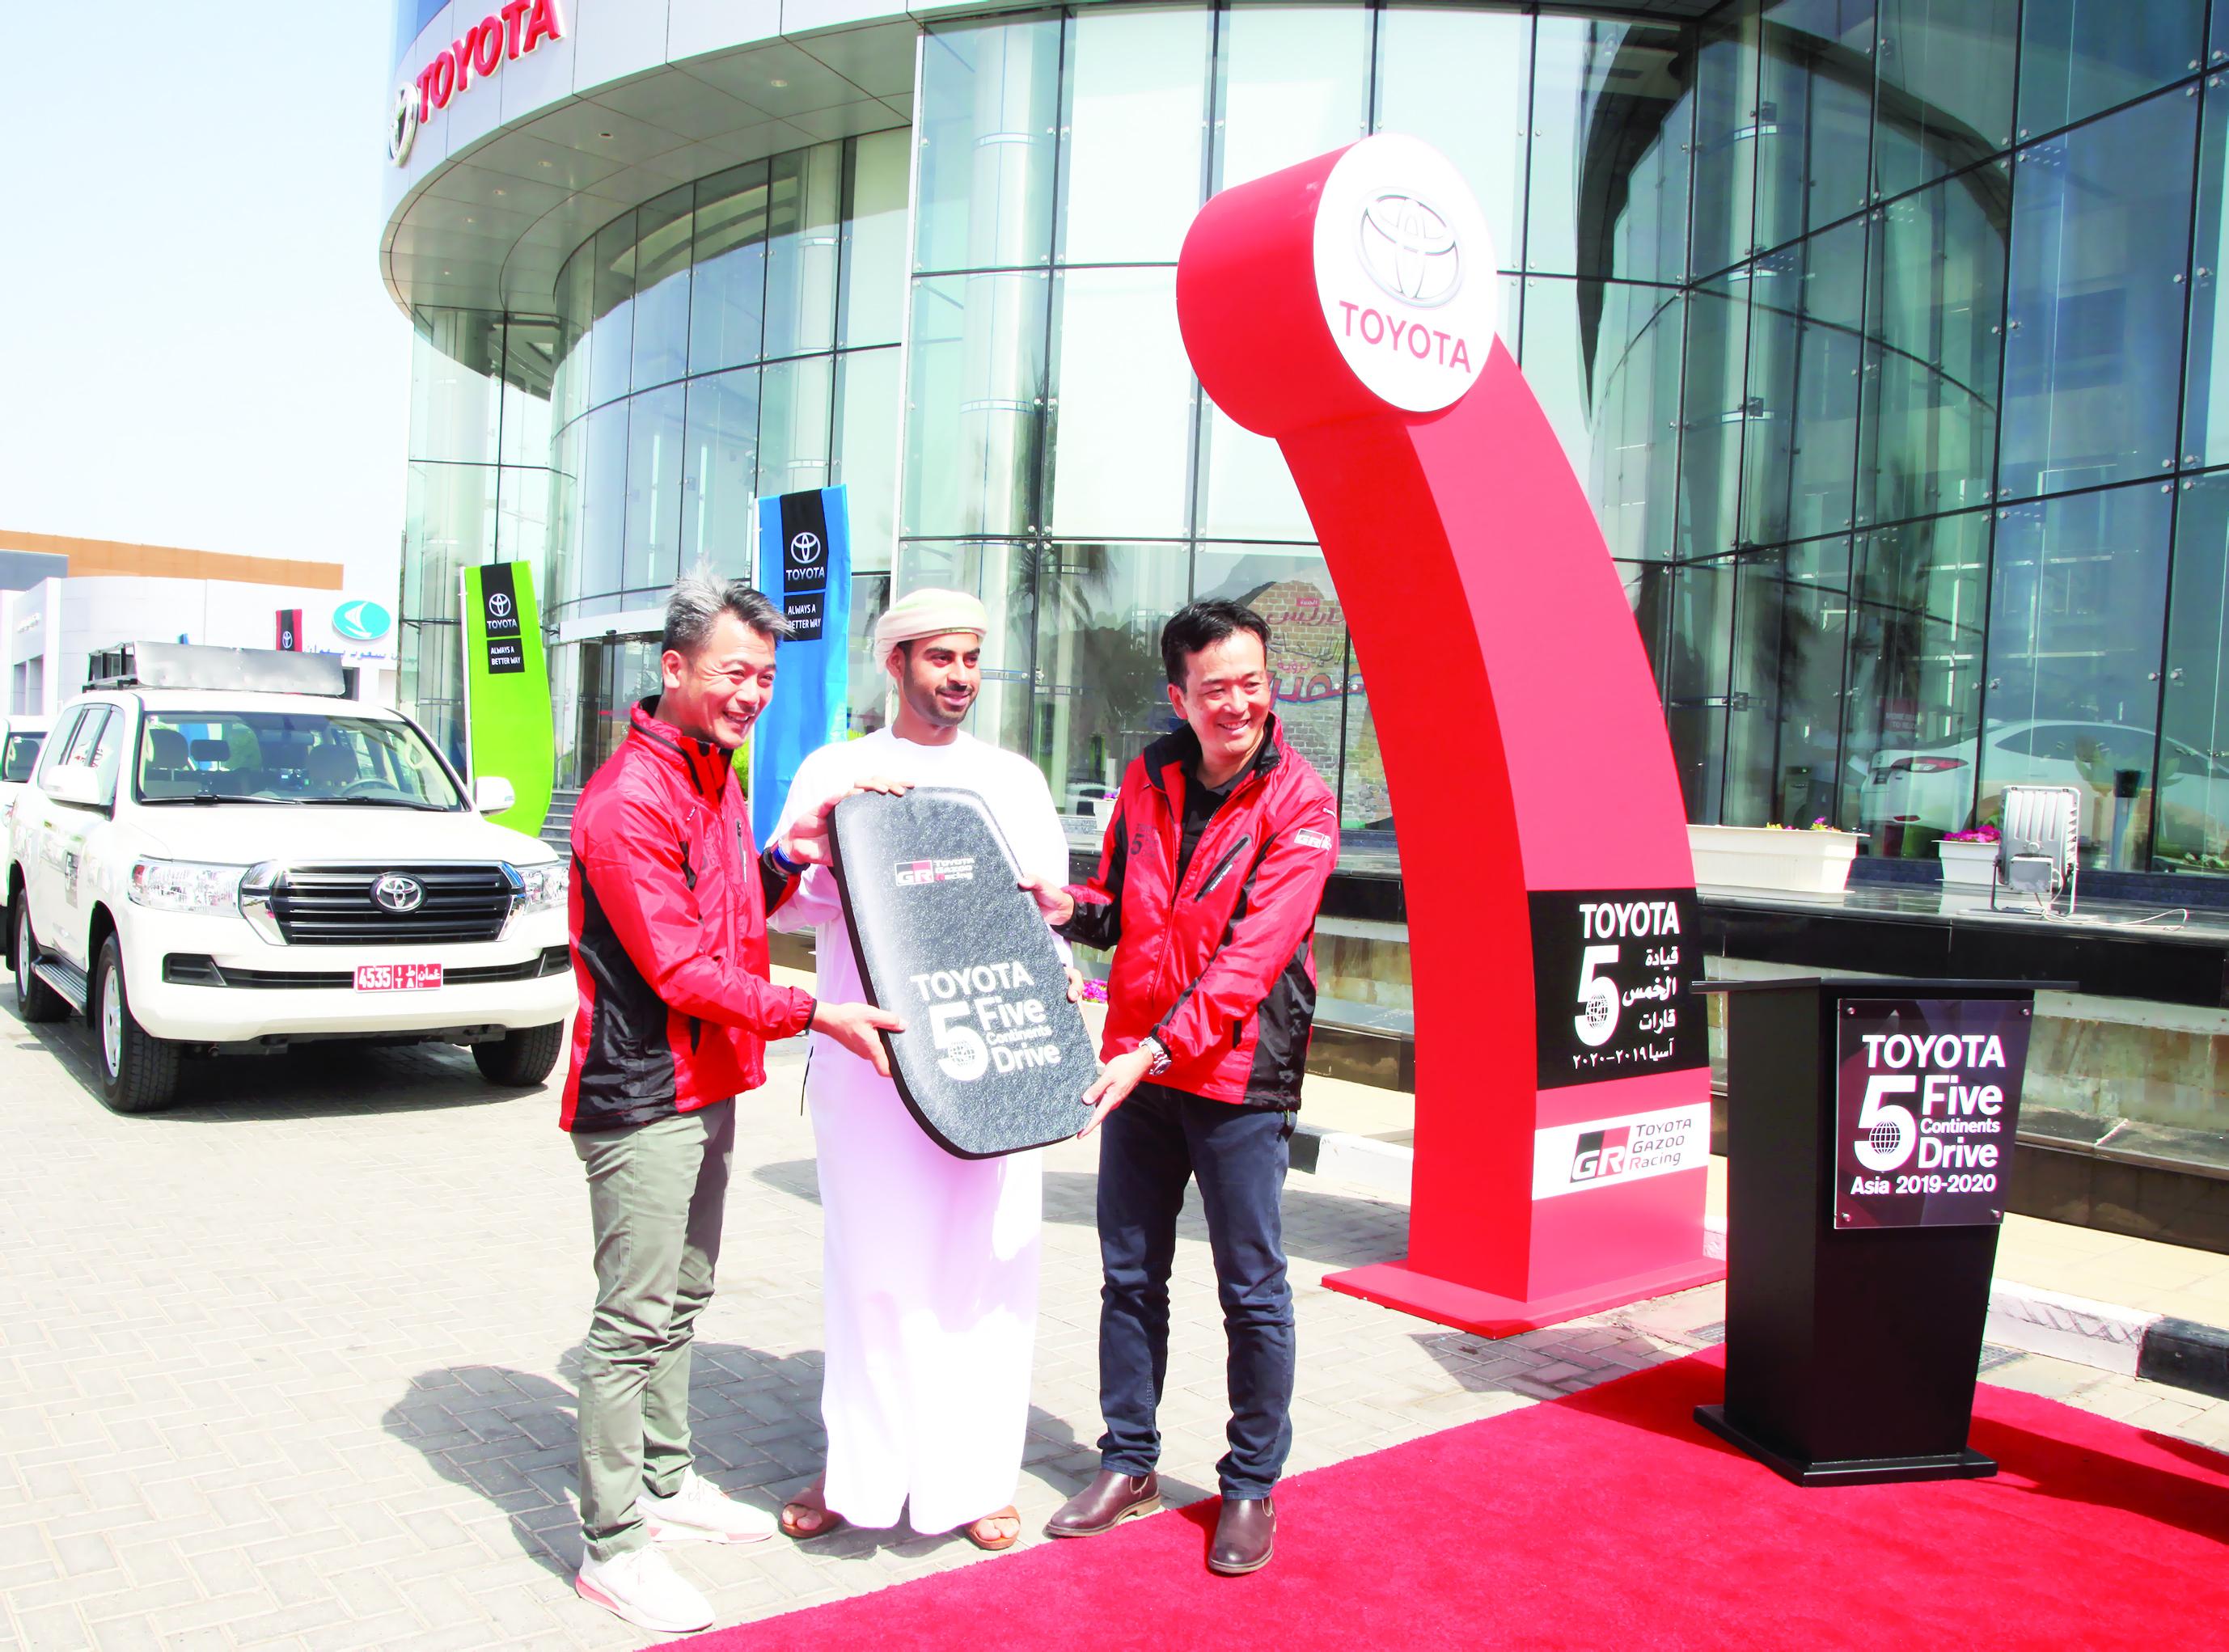 سعود بهوان تنظم فعالية تويوتا للقيادة في الخمس قارات